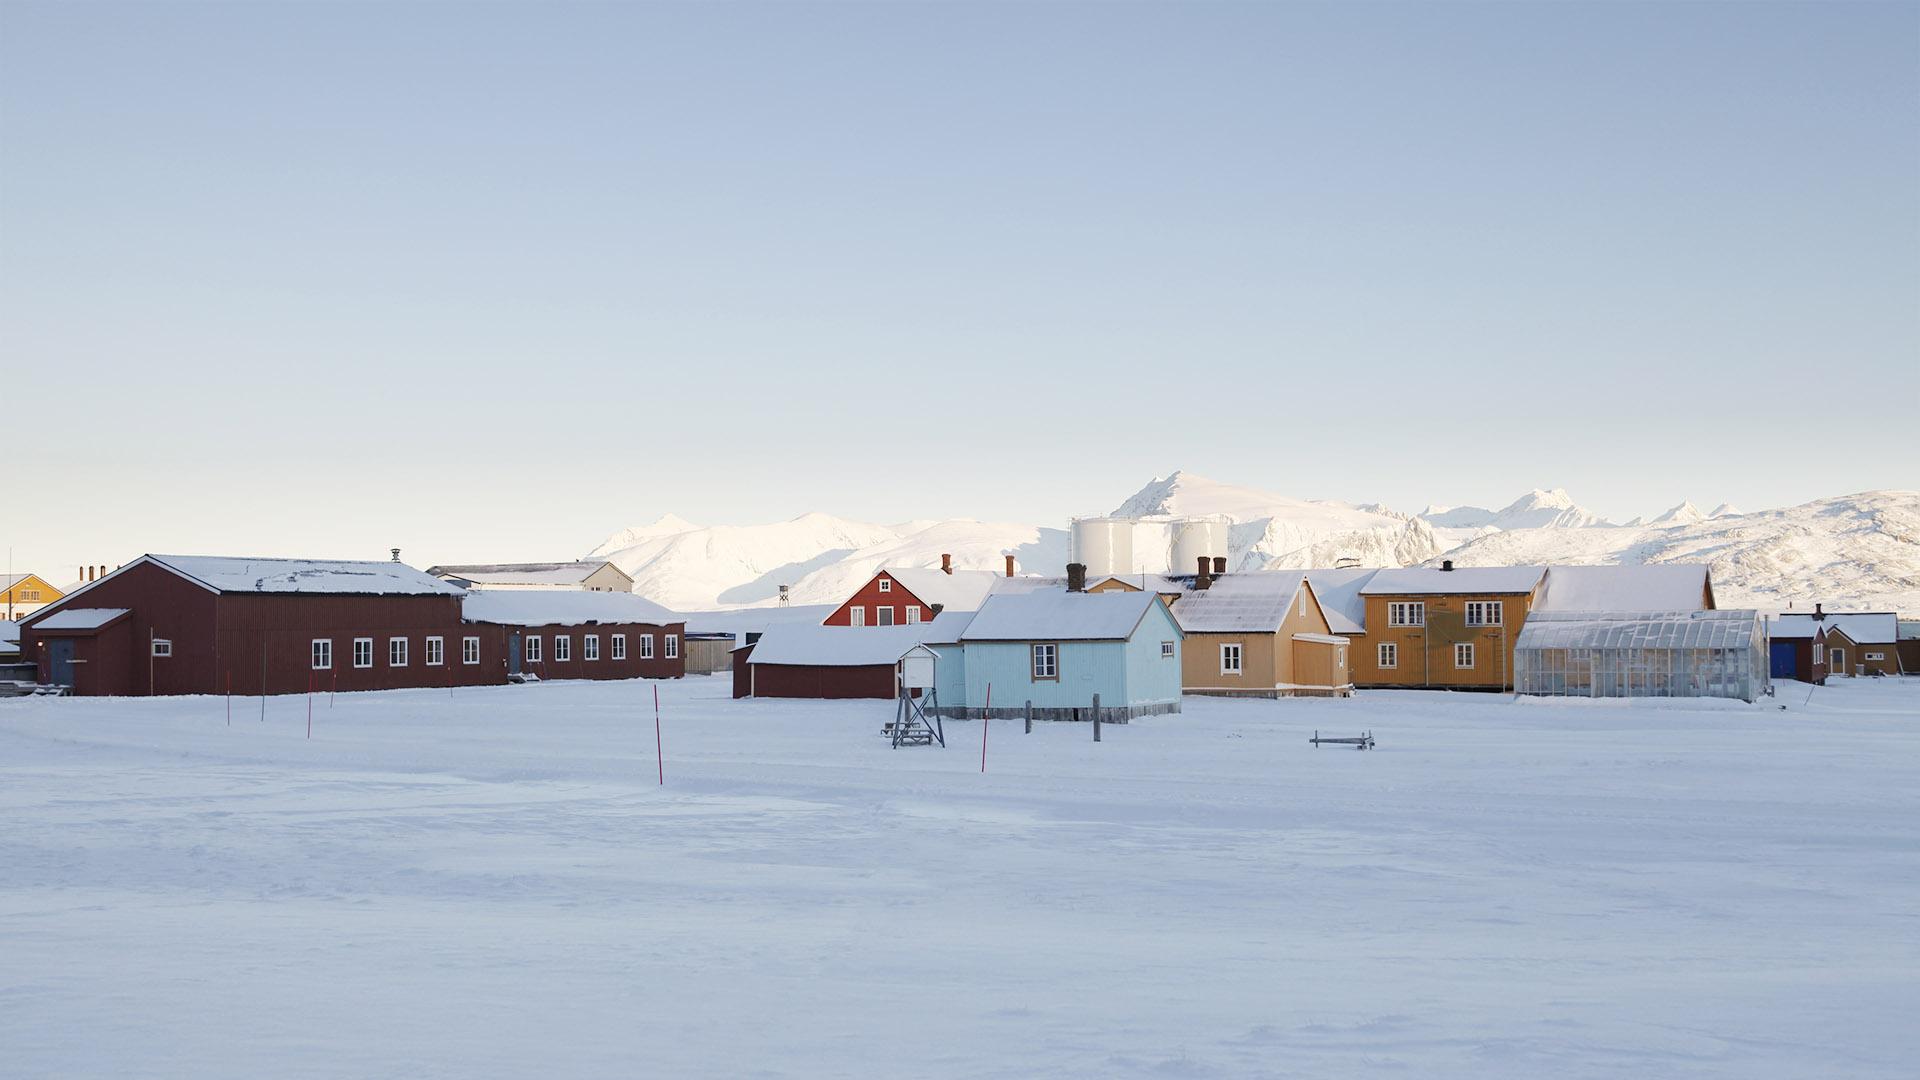 Ny-Alesund, Spitsbergen, Svalbard<br/>